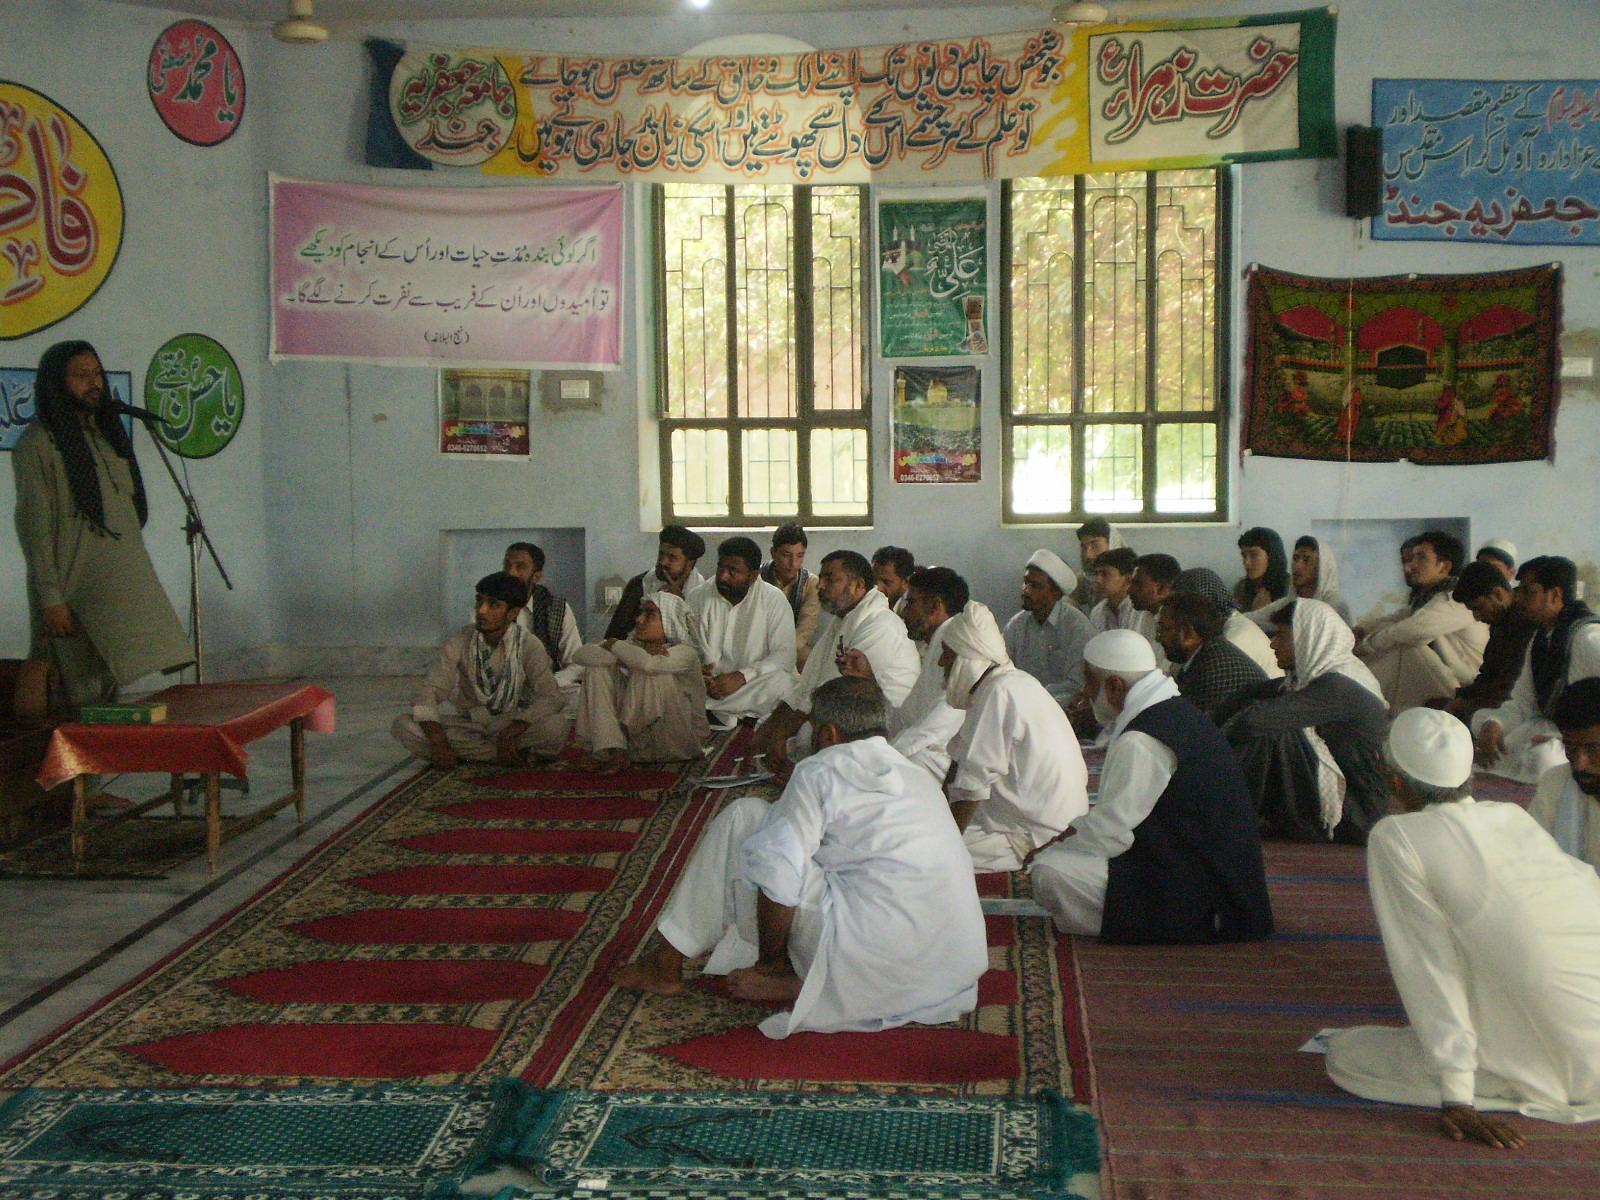 ممتاز مبلغین اور پیش نمازوں کے ساتھ خصوصی پروگرام